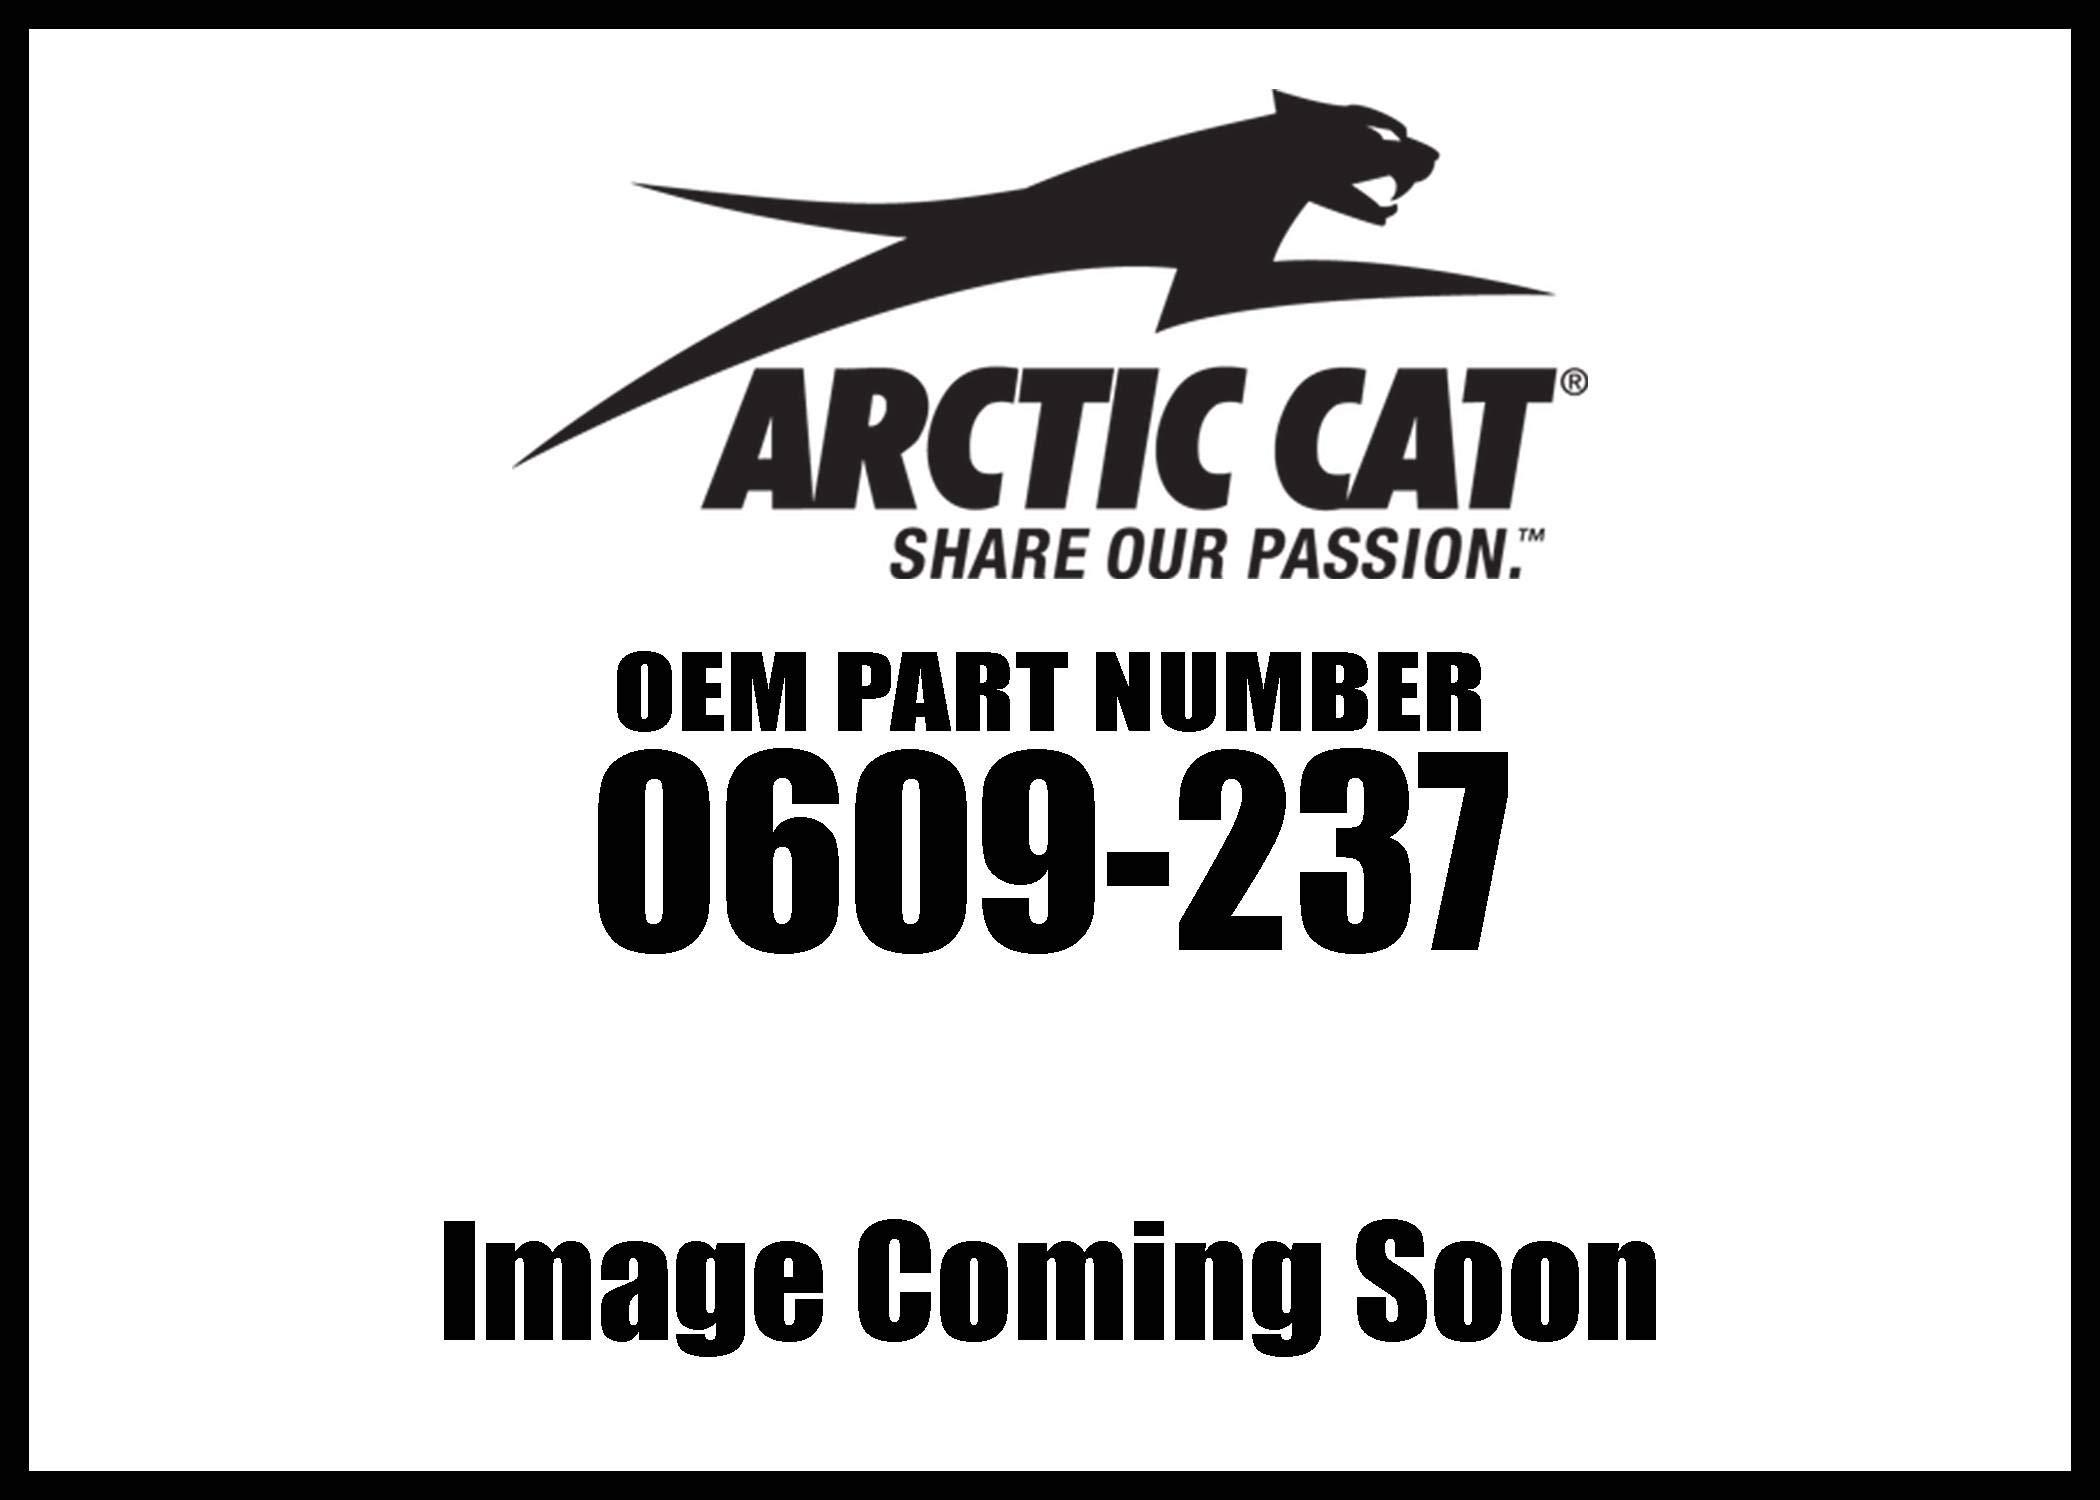 Arctic Cat 1995-2009 Z 370 Z 570 Seal Grommet Oil Sensor Ref 0609 224 0609-237 New Oem